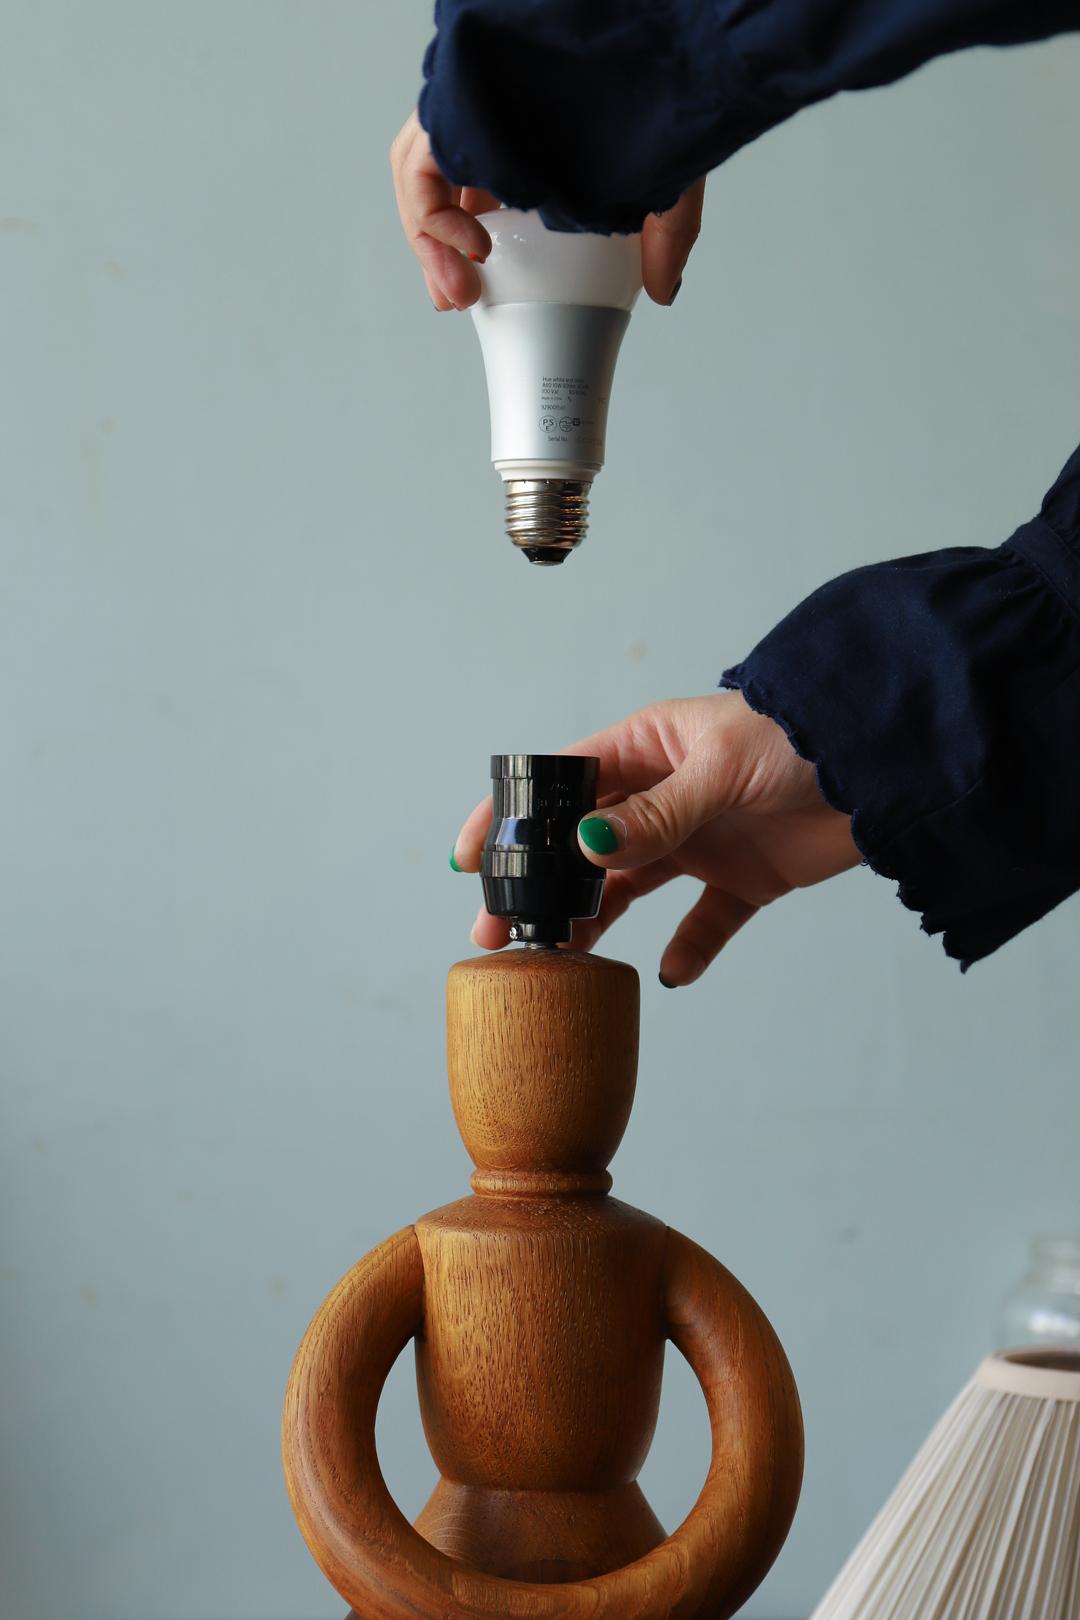 Danish Vintage Parquet Doll Table Lamp/デンマークヴィンテージ ドールテーブルランプ 照明 寄木細工 パーケット 無垢材 北欧インテリア